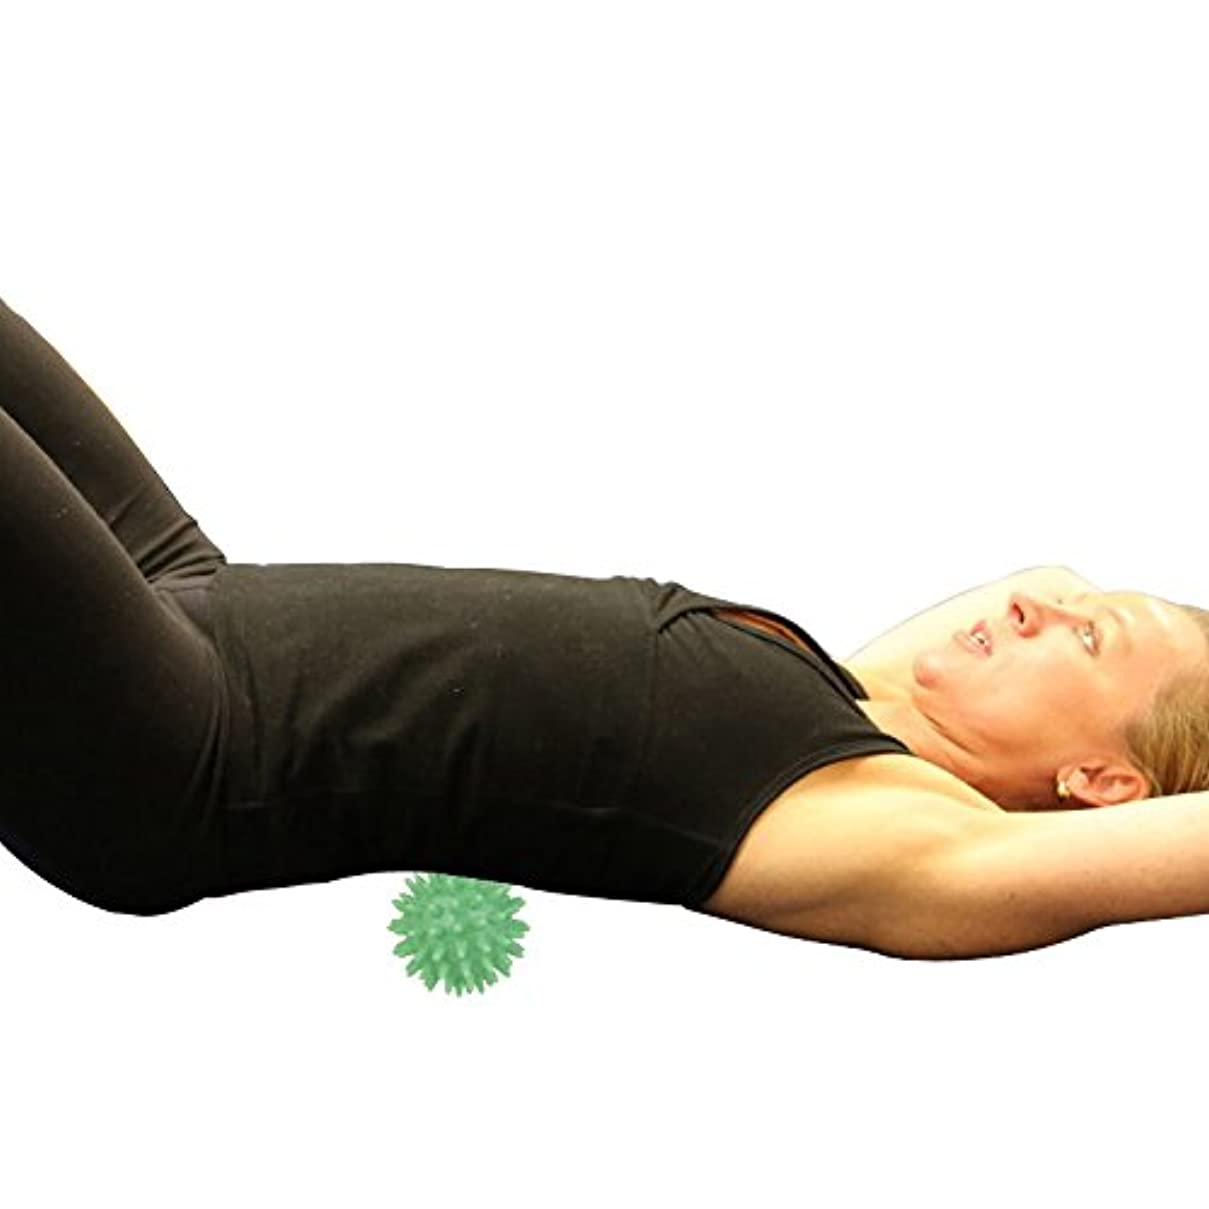 害灰すきchiwanji マッサージボール 触覚ボール 筋膜リリース 5.5cm 血液 循環 促進 マッサージ ツール 緑